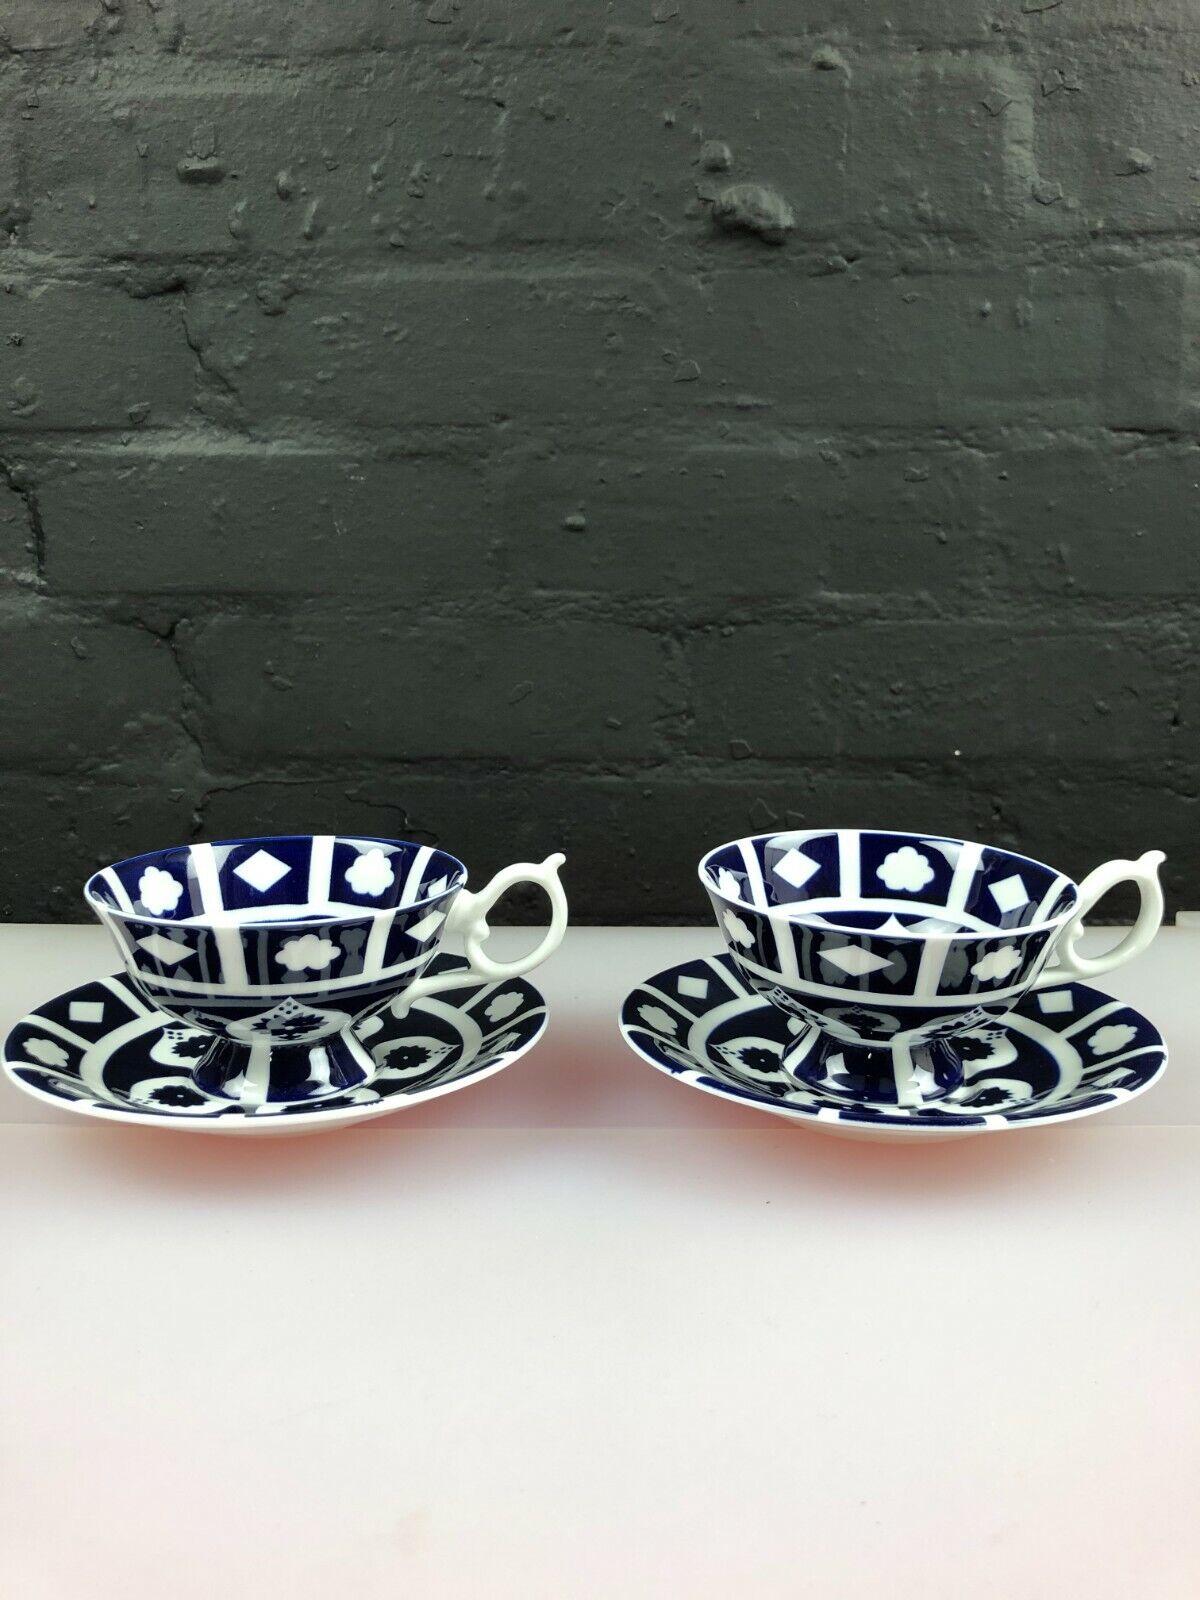 Image 1 - 2 x Royal Crown Derby Unfinished Imari 1128 Elizabeth Tea Cups & Saucers 5 Sets